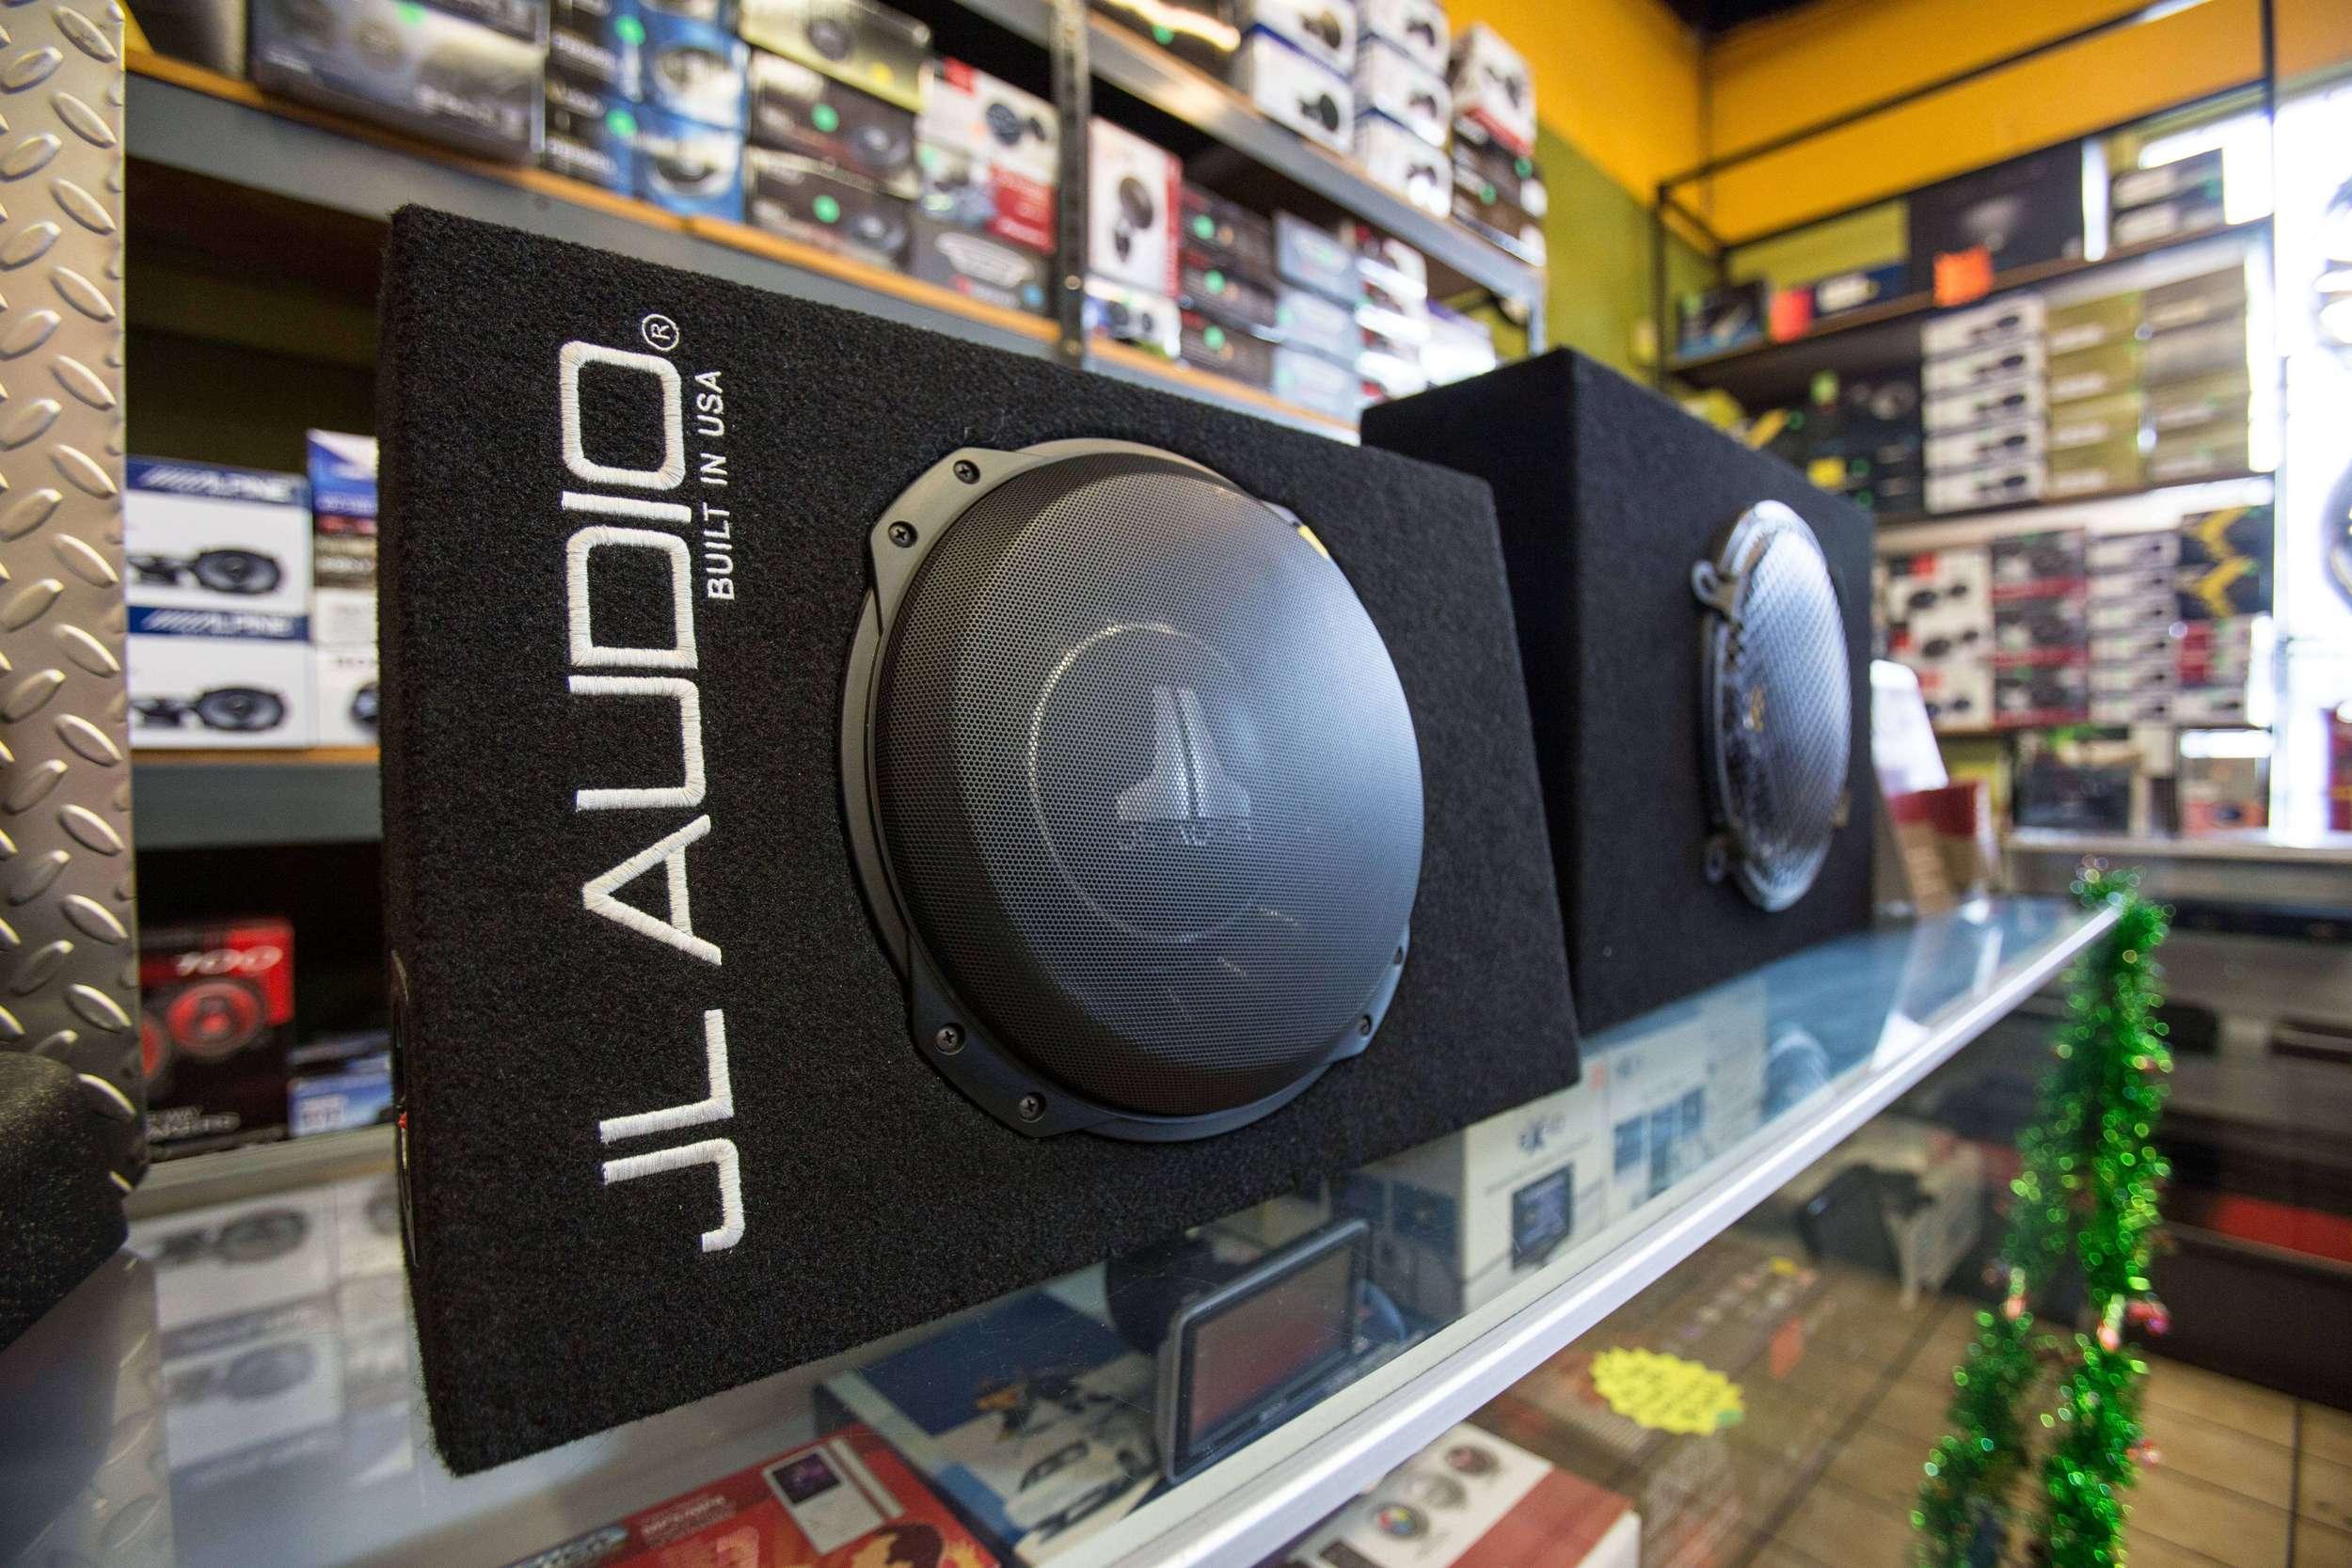 Car audio specials and deals at Audiosport Escondido.